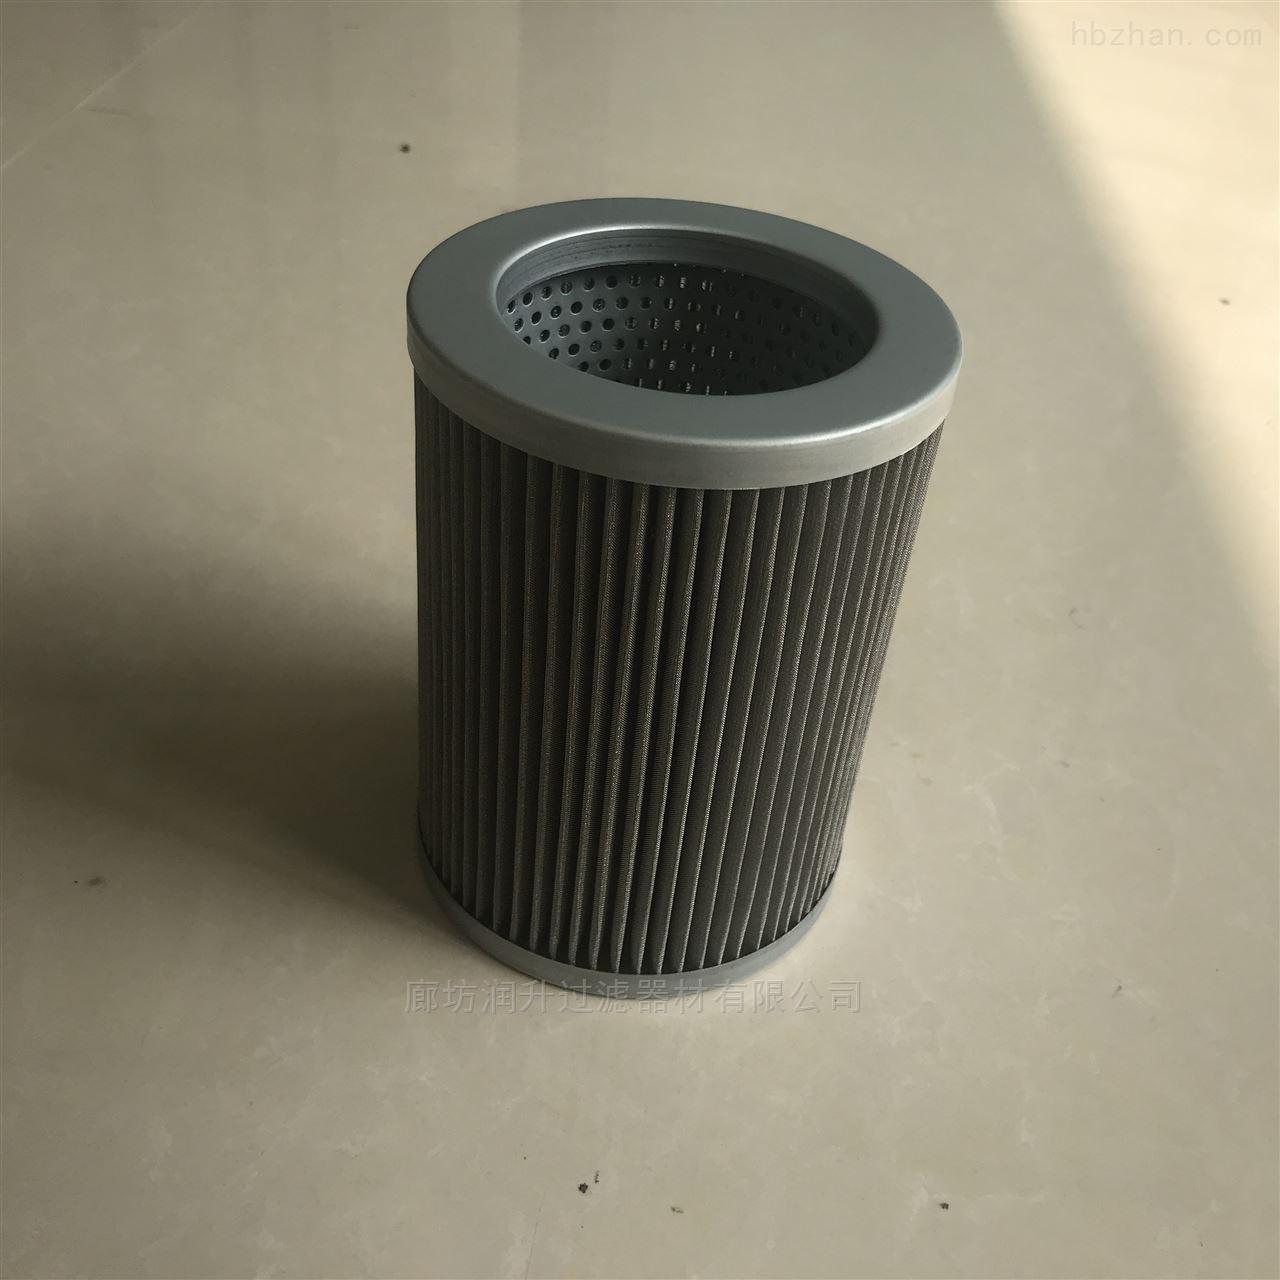 黔西DFM40PP005A01滤芯厂家价格